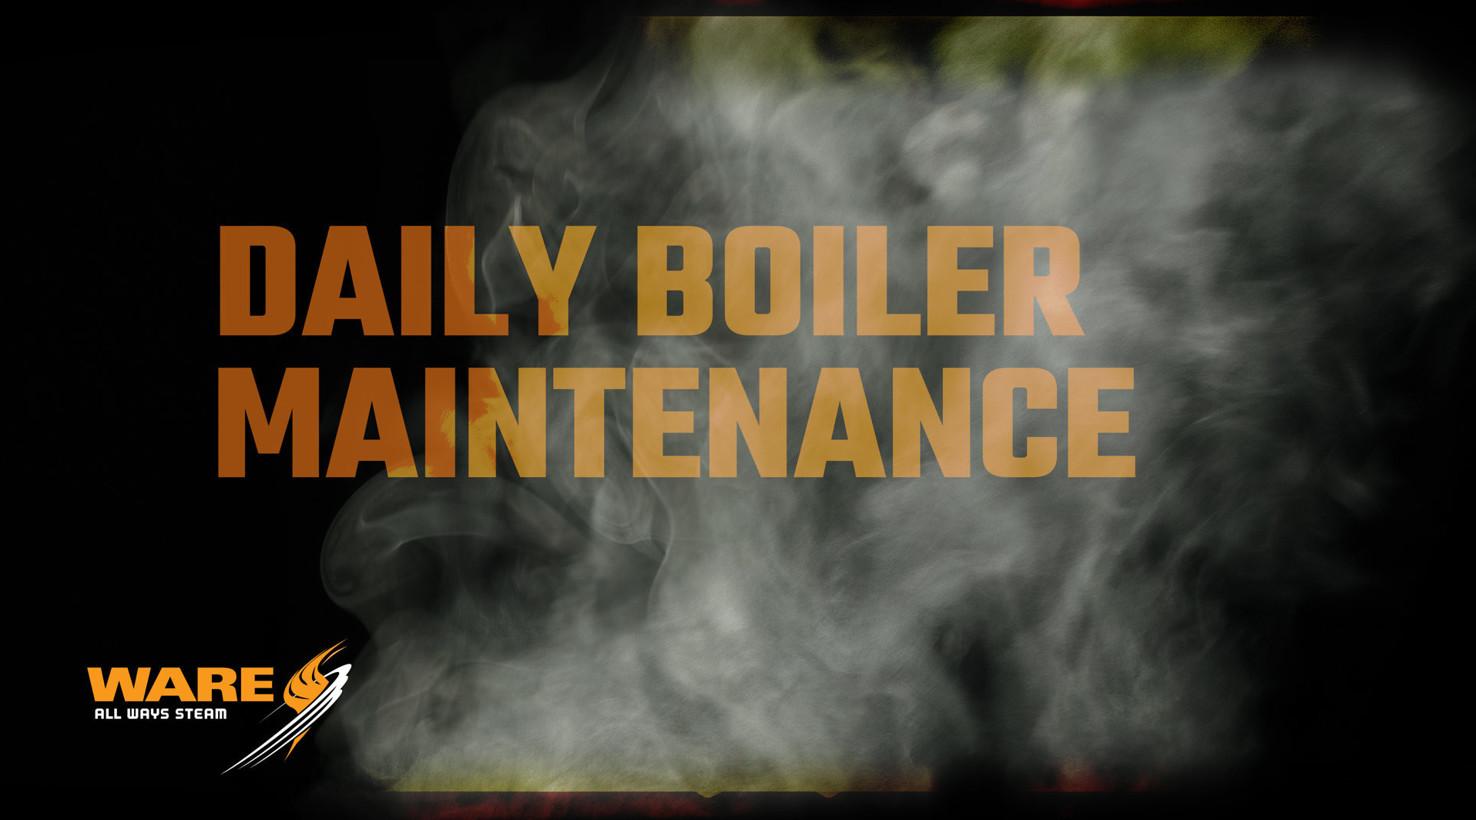 Daily Steam Boiler Maintenance in the Boiler Room